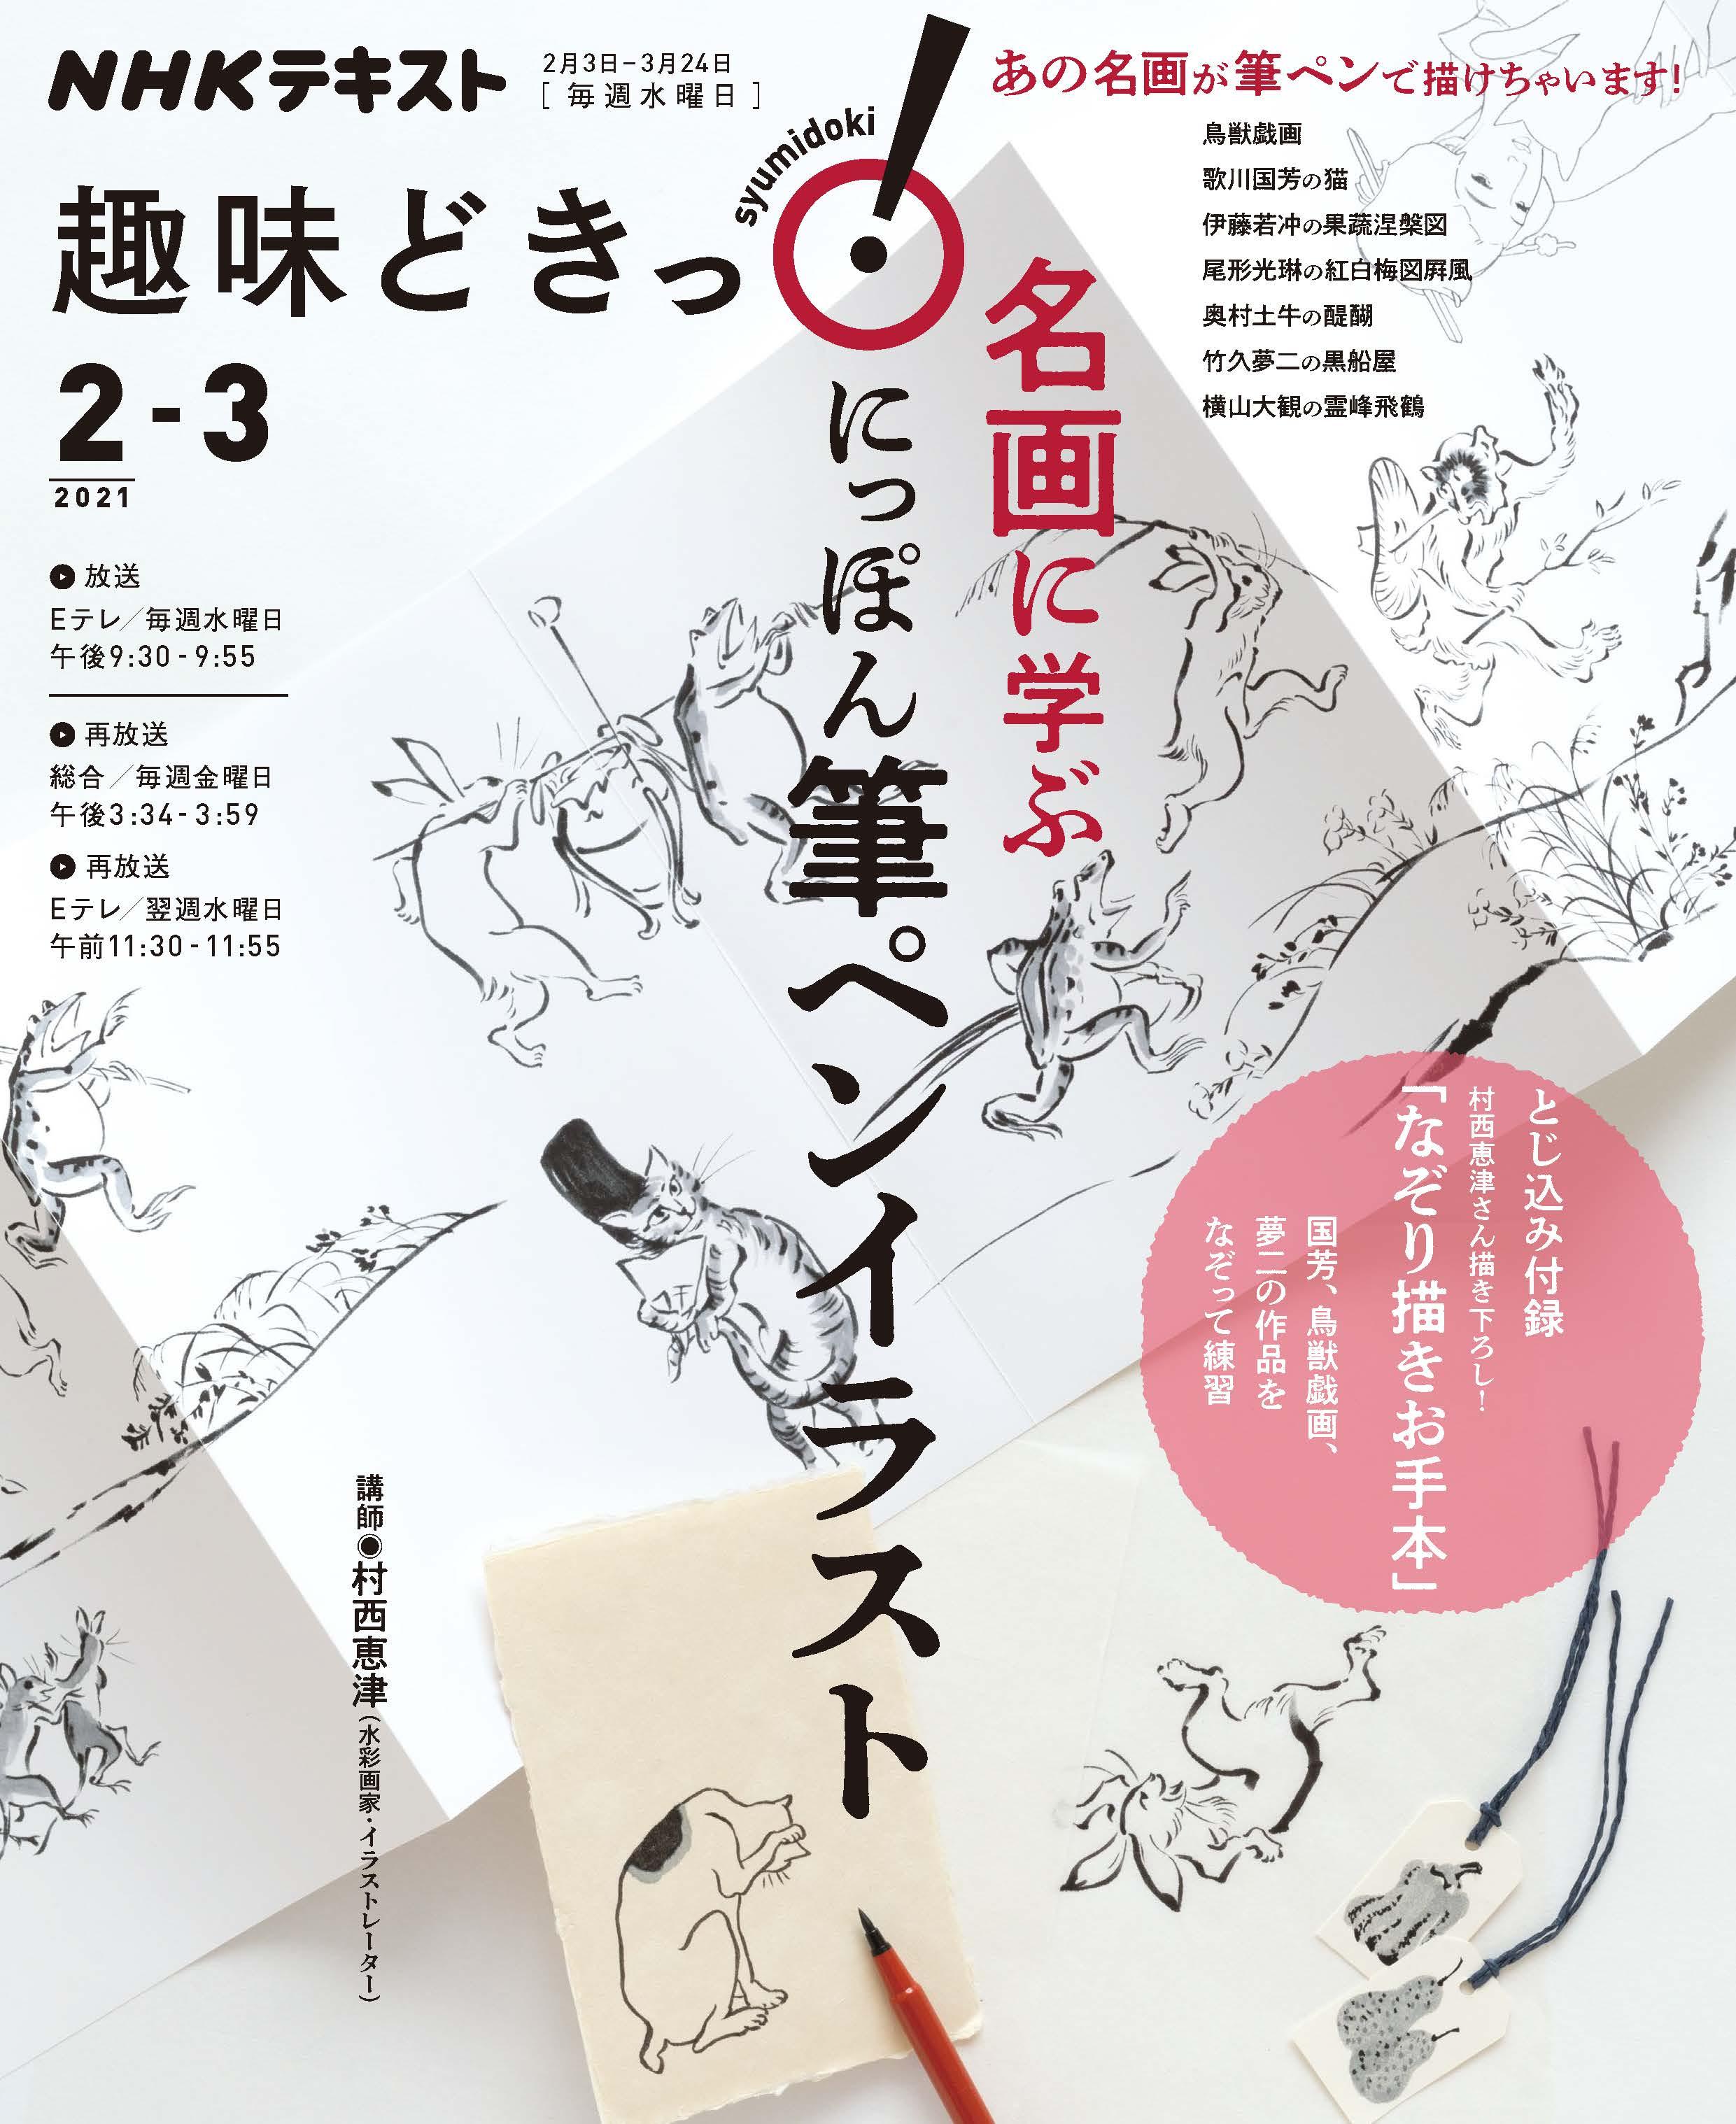 鳥獣戯画から、国芳、若冲、夢二、大観まで。 あの名画が筆ペンで描けます!「NHK趣味どきっ! 名画に学ぶ にっぽん 筆ペンイラスト」好評発売中!